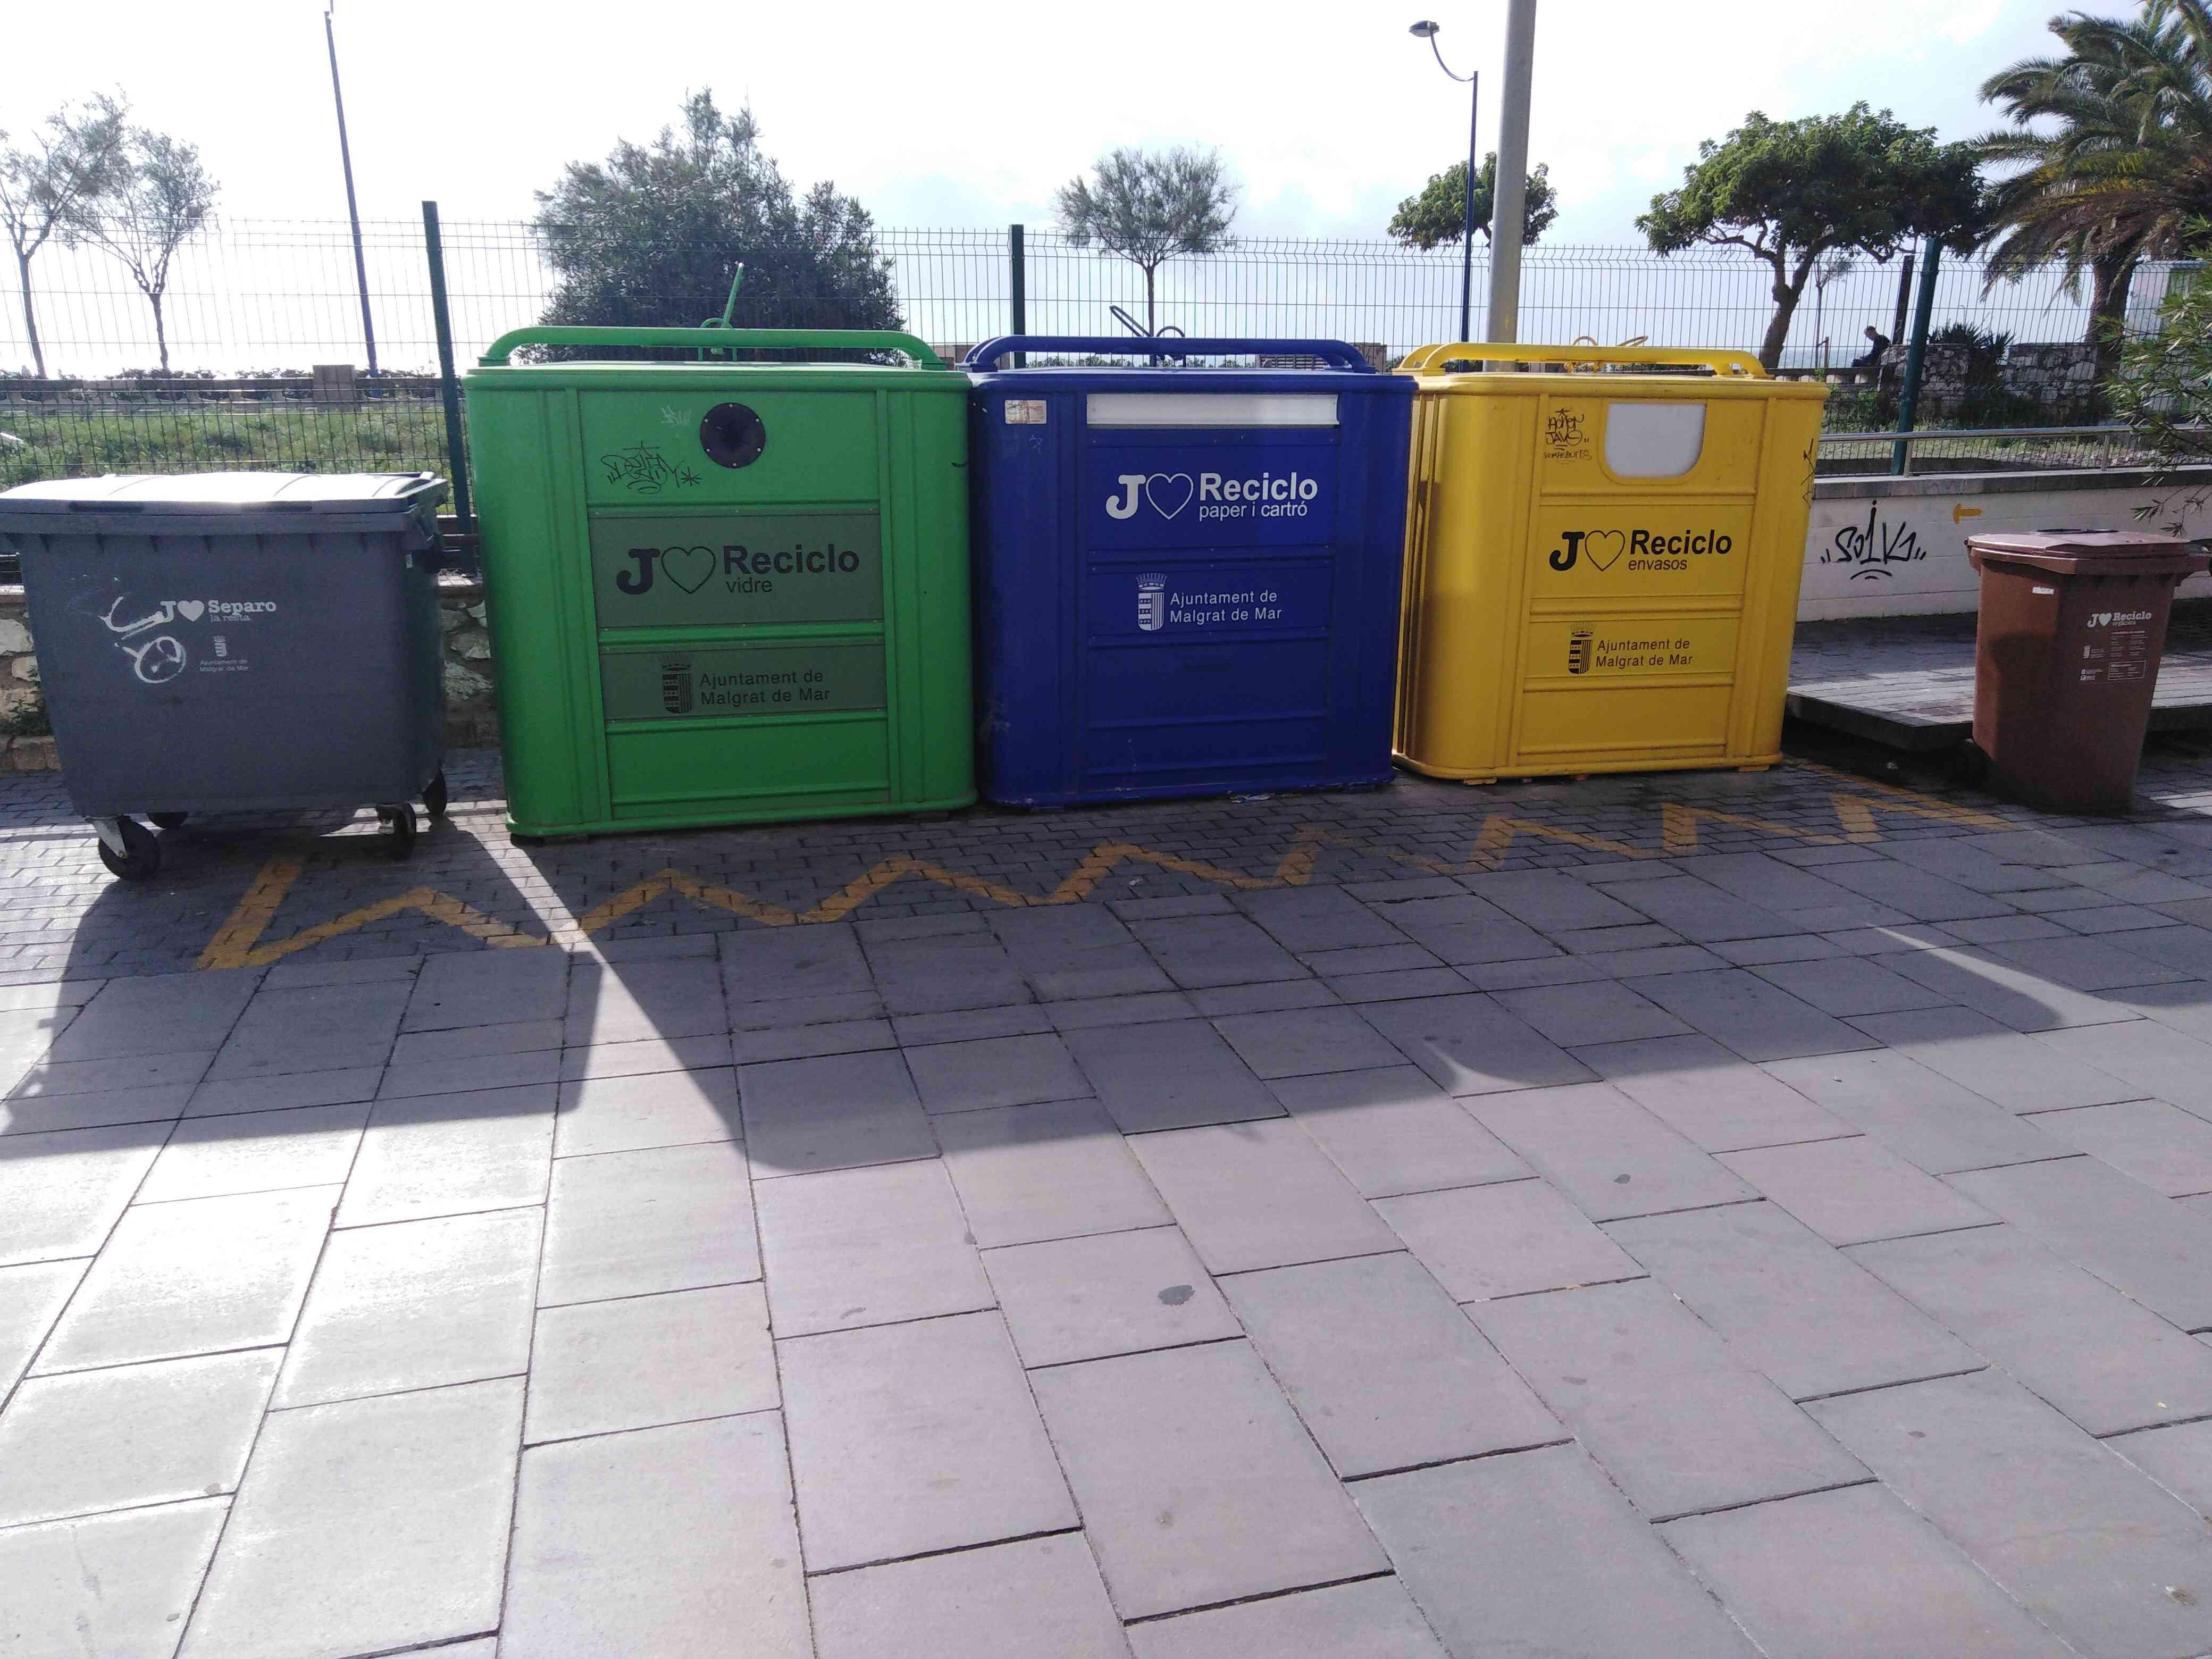 Zbiórka odpadów w Hiszpanii